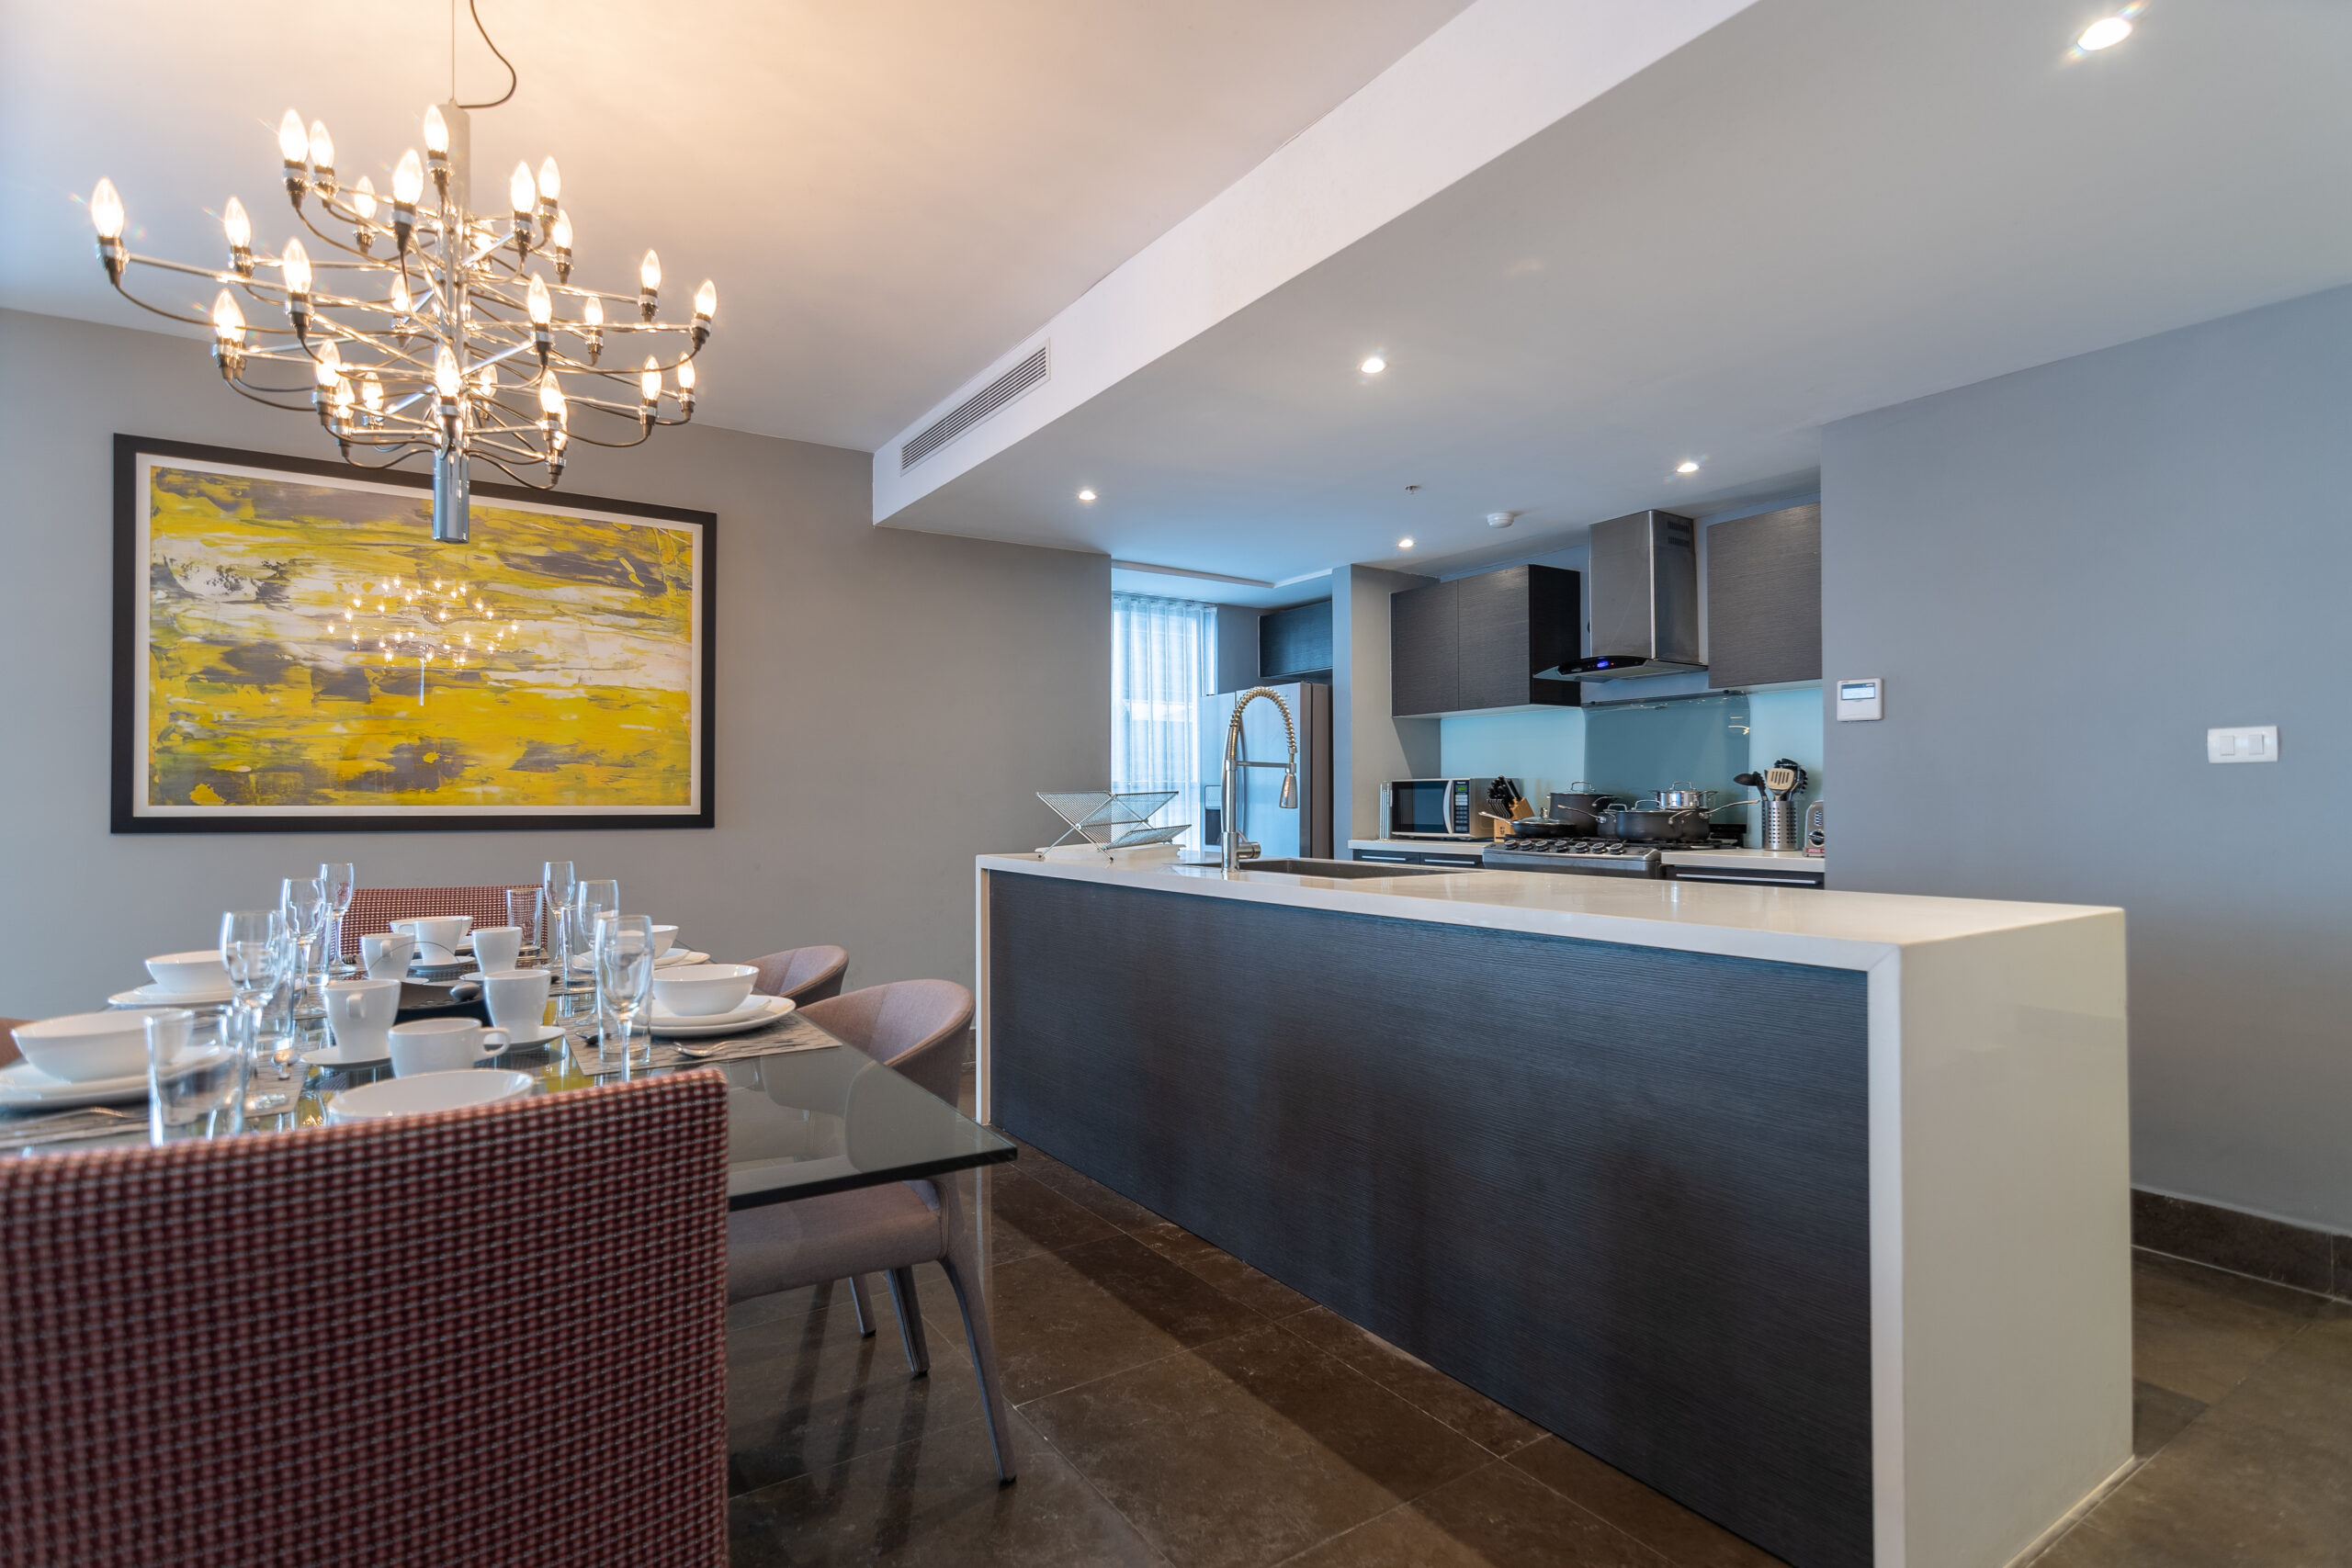 Alquiler de Apartamento – Avenida Balboa – Edificio YOO PANAMÁ 180 m2